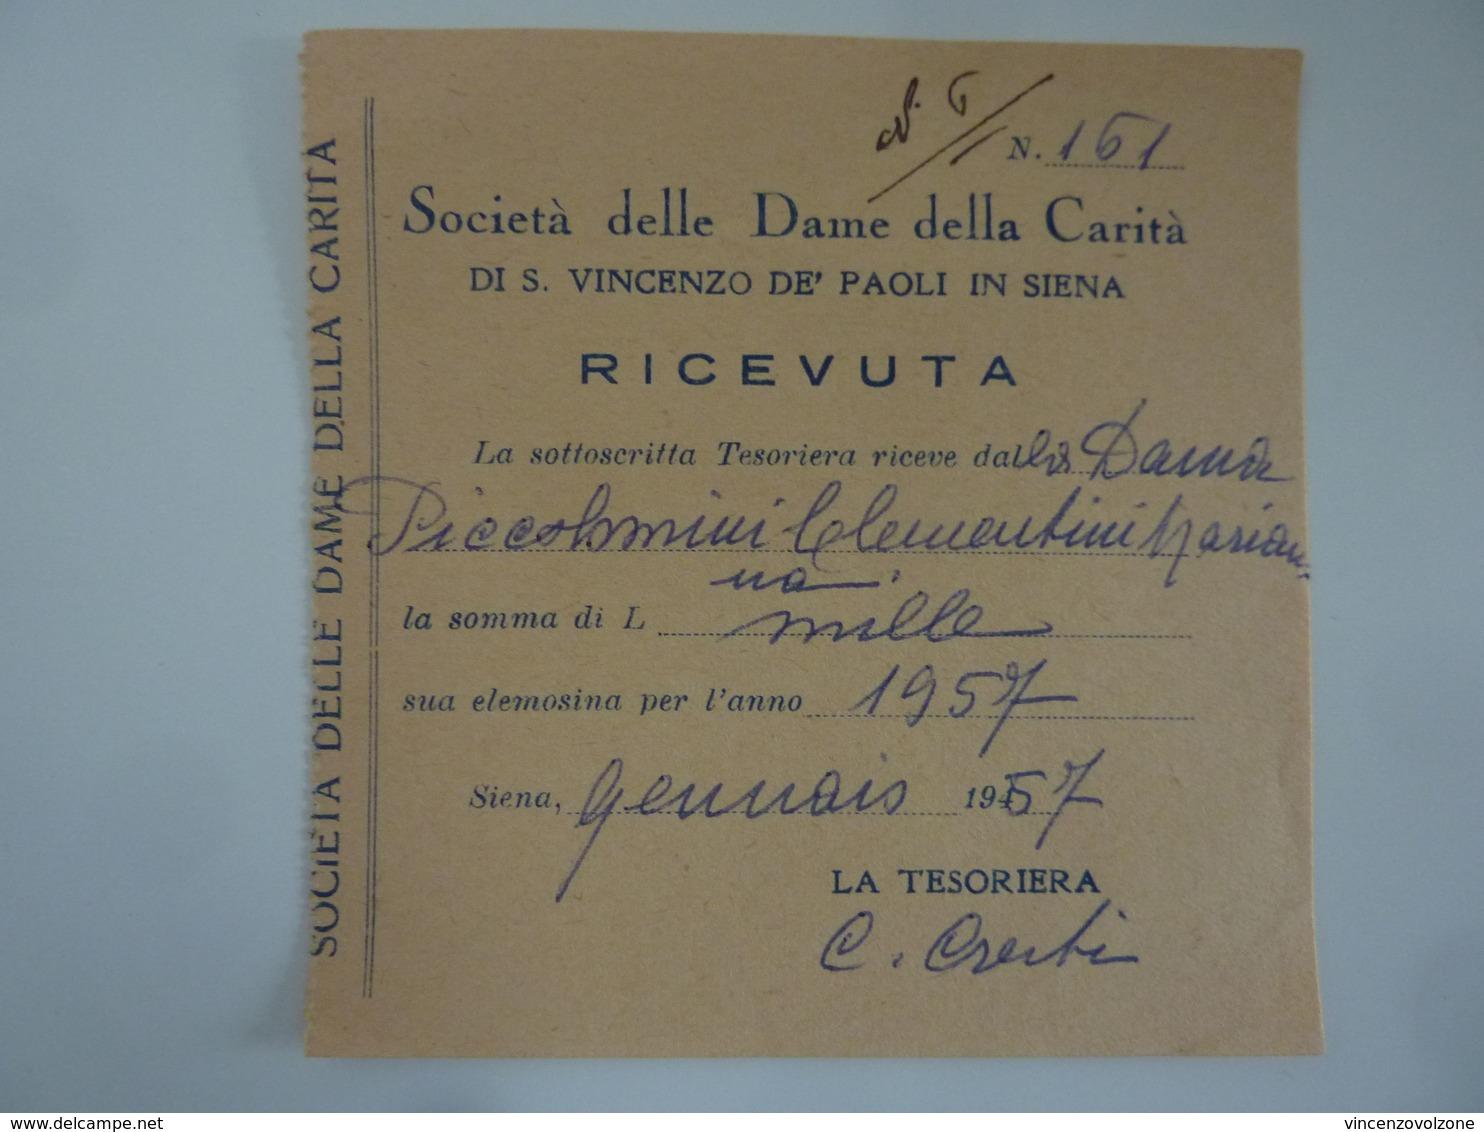 """Ricevuta """"SOCIETA' DELLE DAME DELLA CARITA' DI S. VINCENZO DE' PAOLI N SIENA  Contessa Piccolomini Clementini"""" 1956 - Italia"""